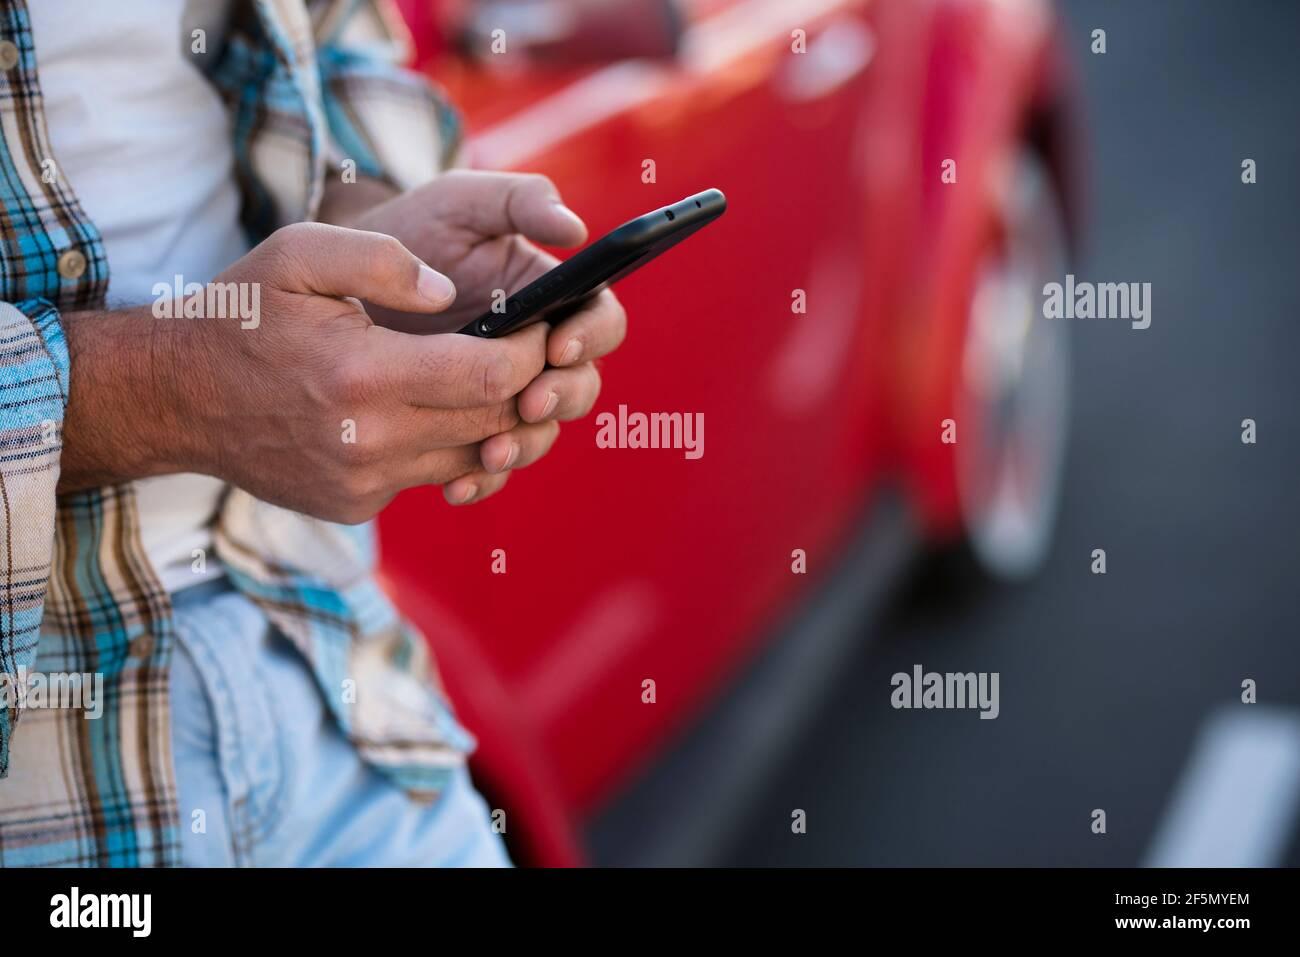 Gros plan sur un homme utilisant un téléphone à l'extérieur - personnes méconnaissables avec un smartphone cellulaire pour discuter ou envoyer des sms avec la voiture en arrière-plan - style de vie moderne avec Banque D'Images